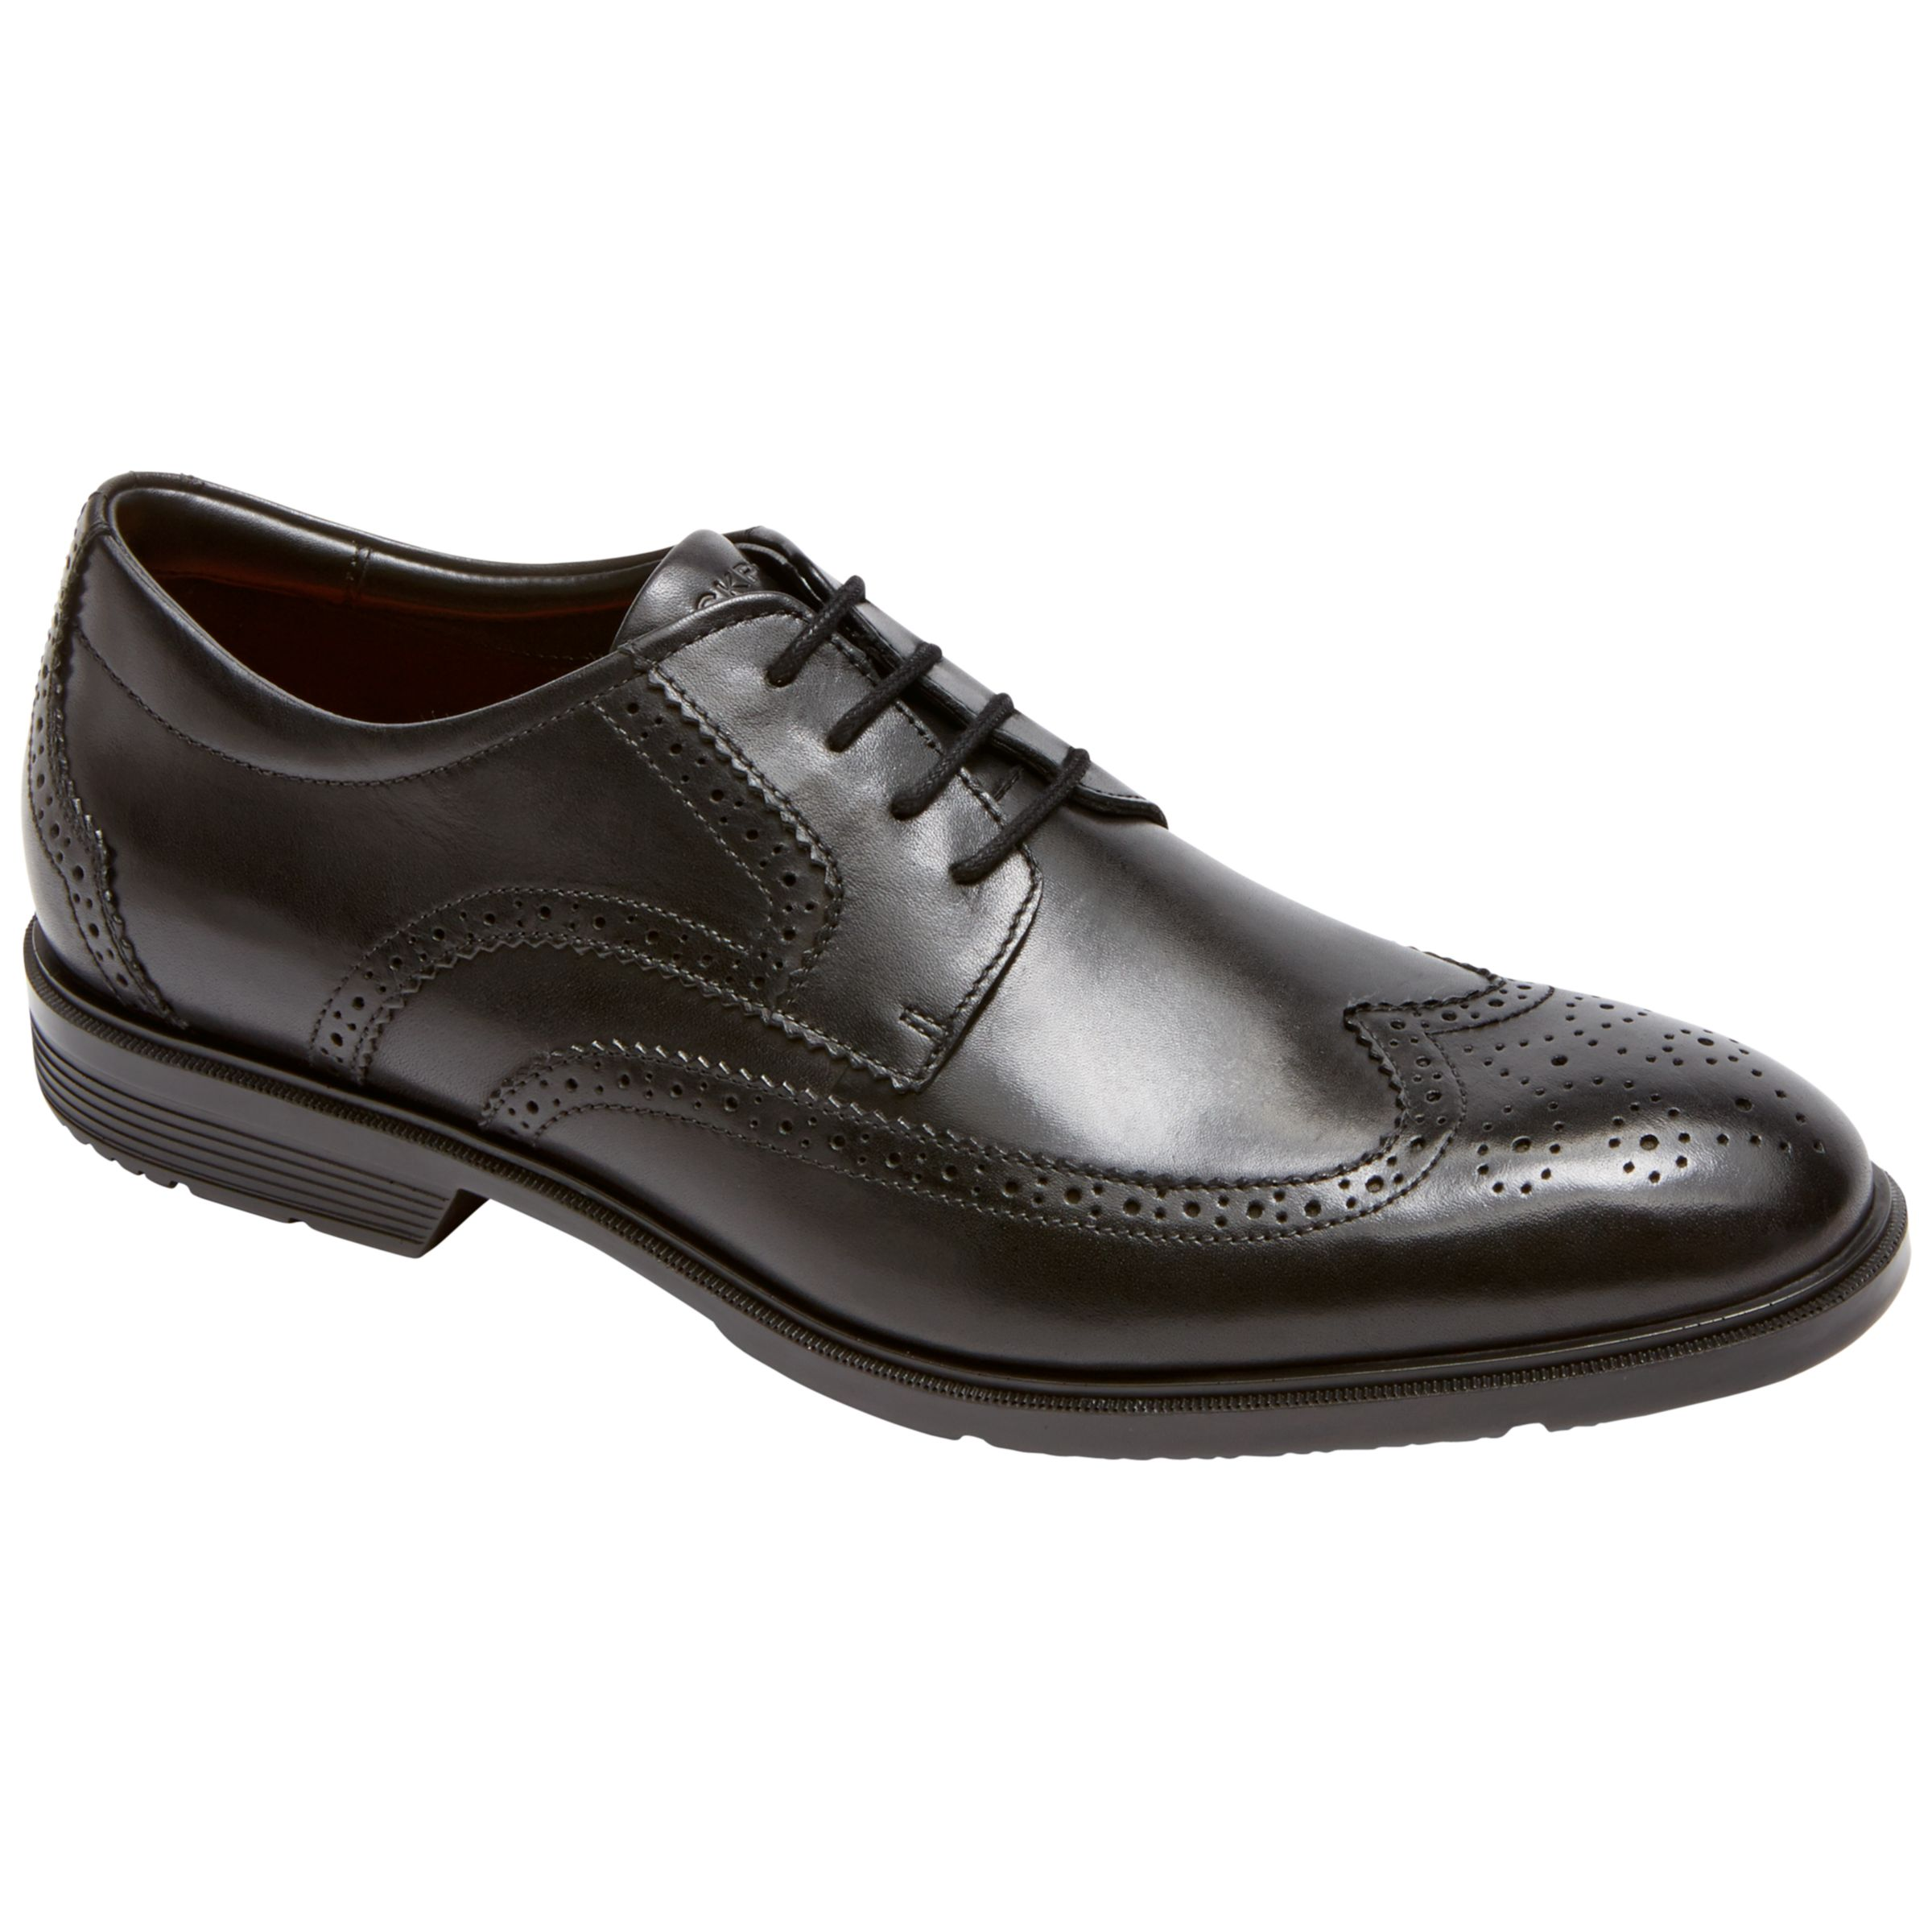 Rockport Rockport City Smart Wing Tip Brogue Shoes, Black